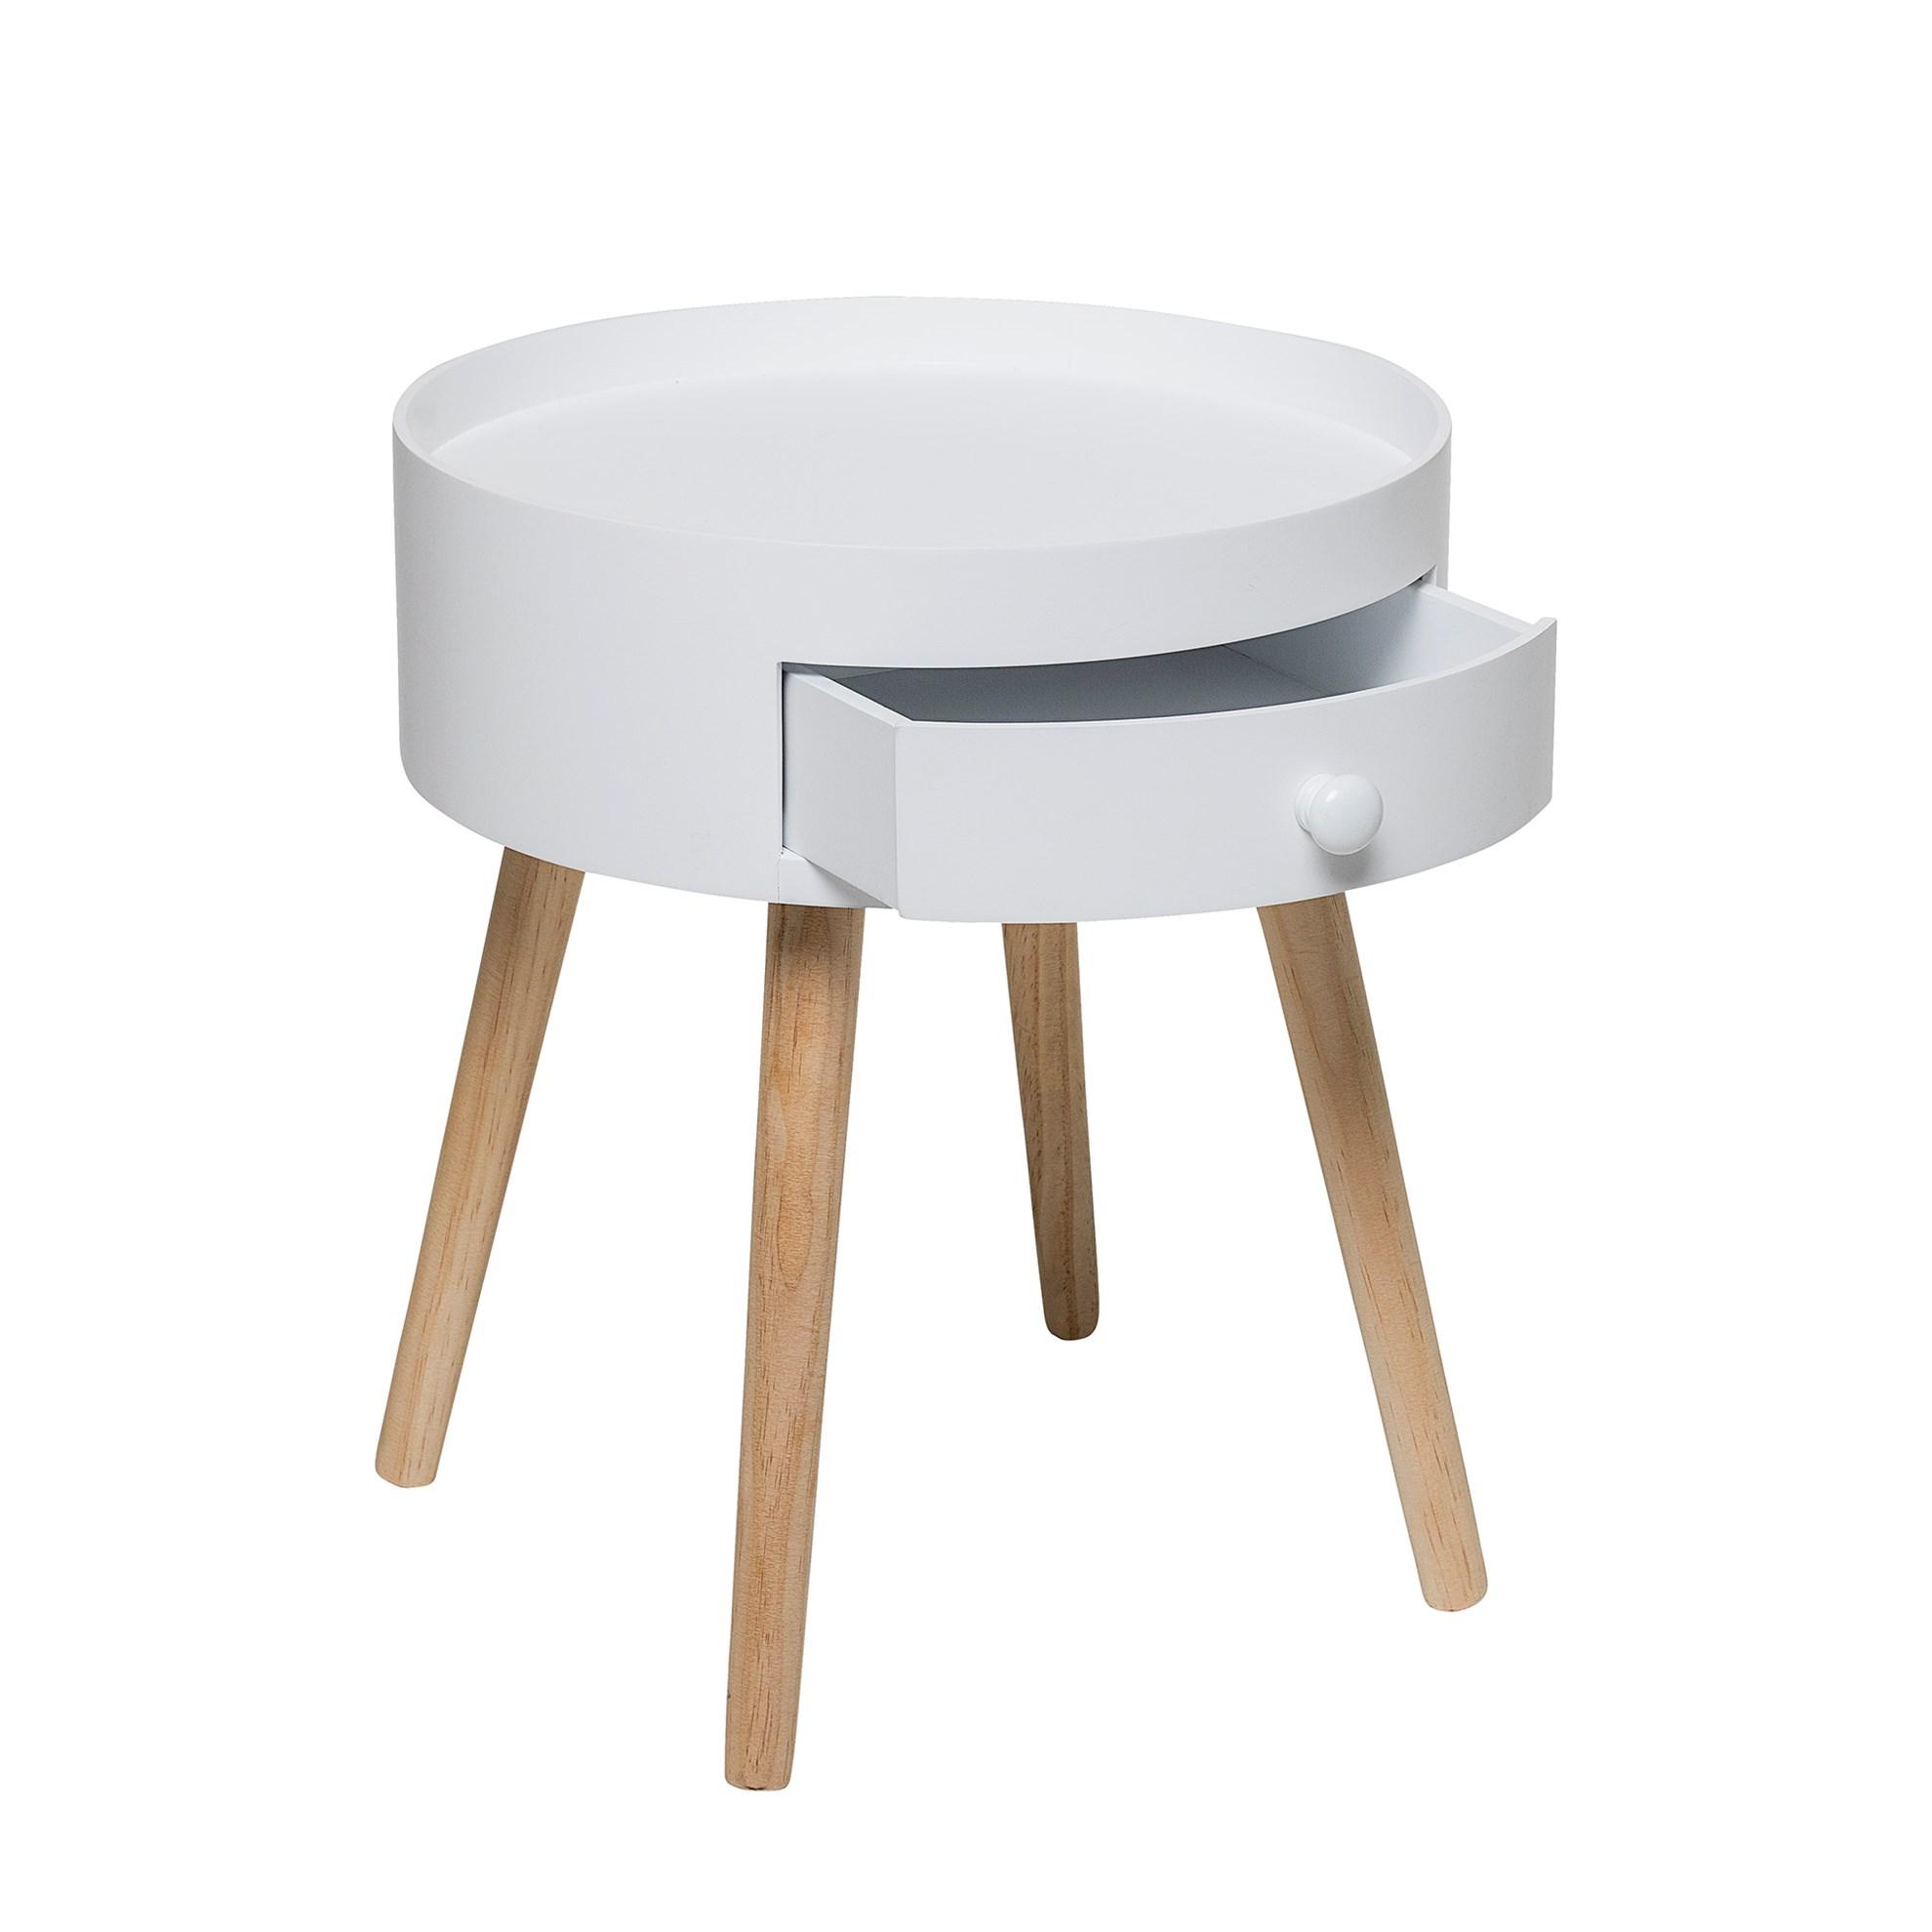 Konferenční stolek s šupletem_1